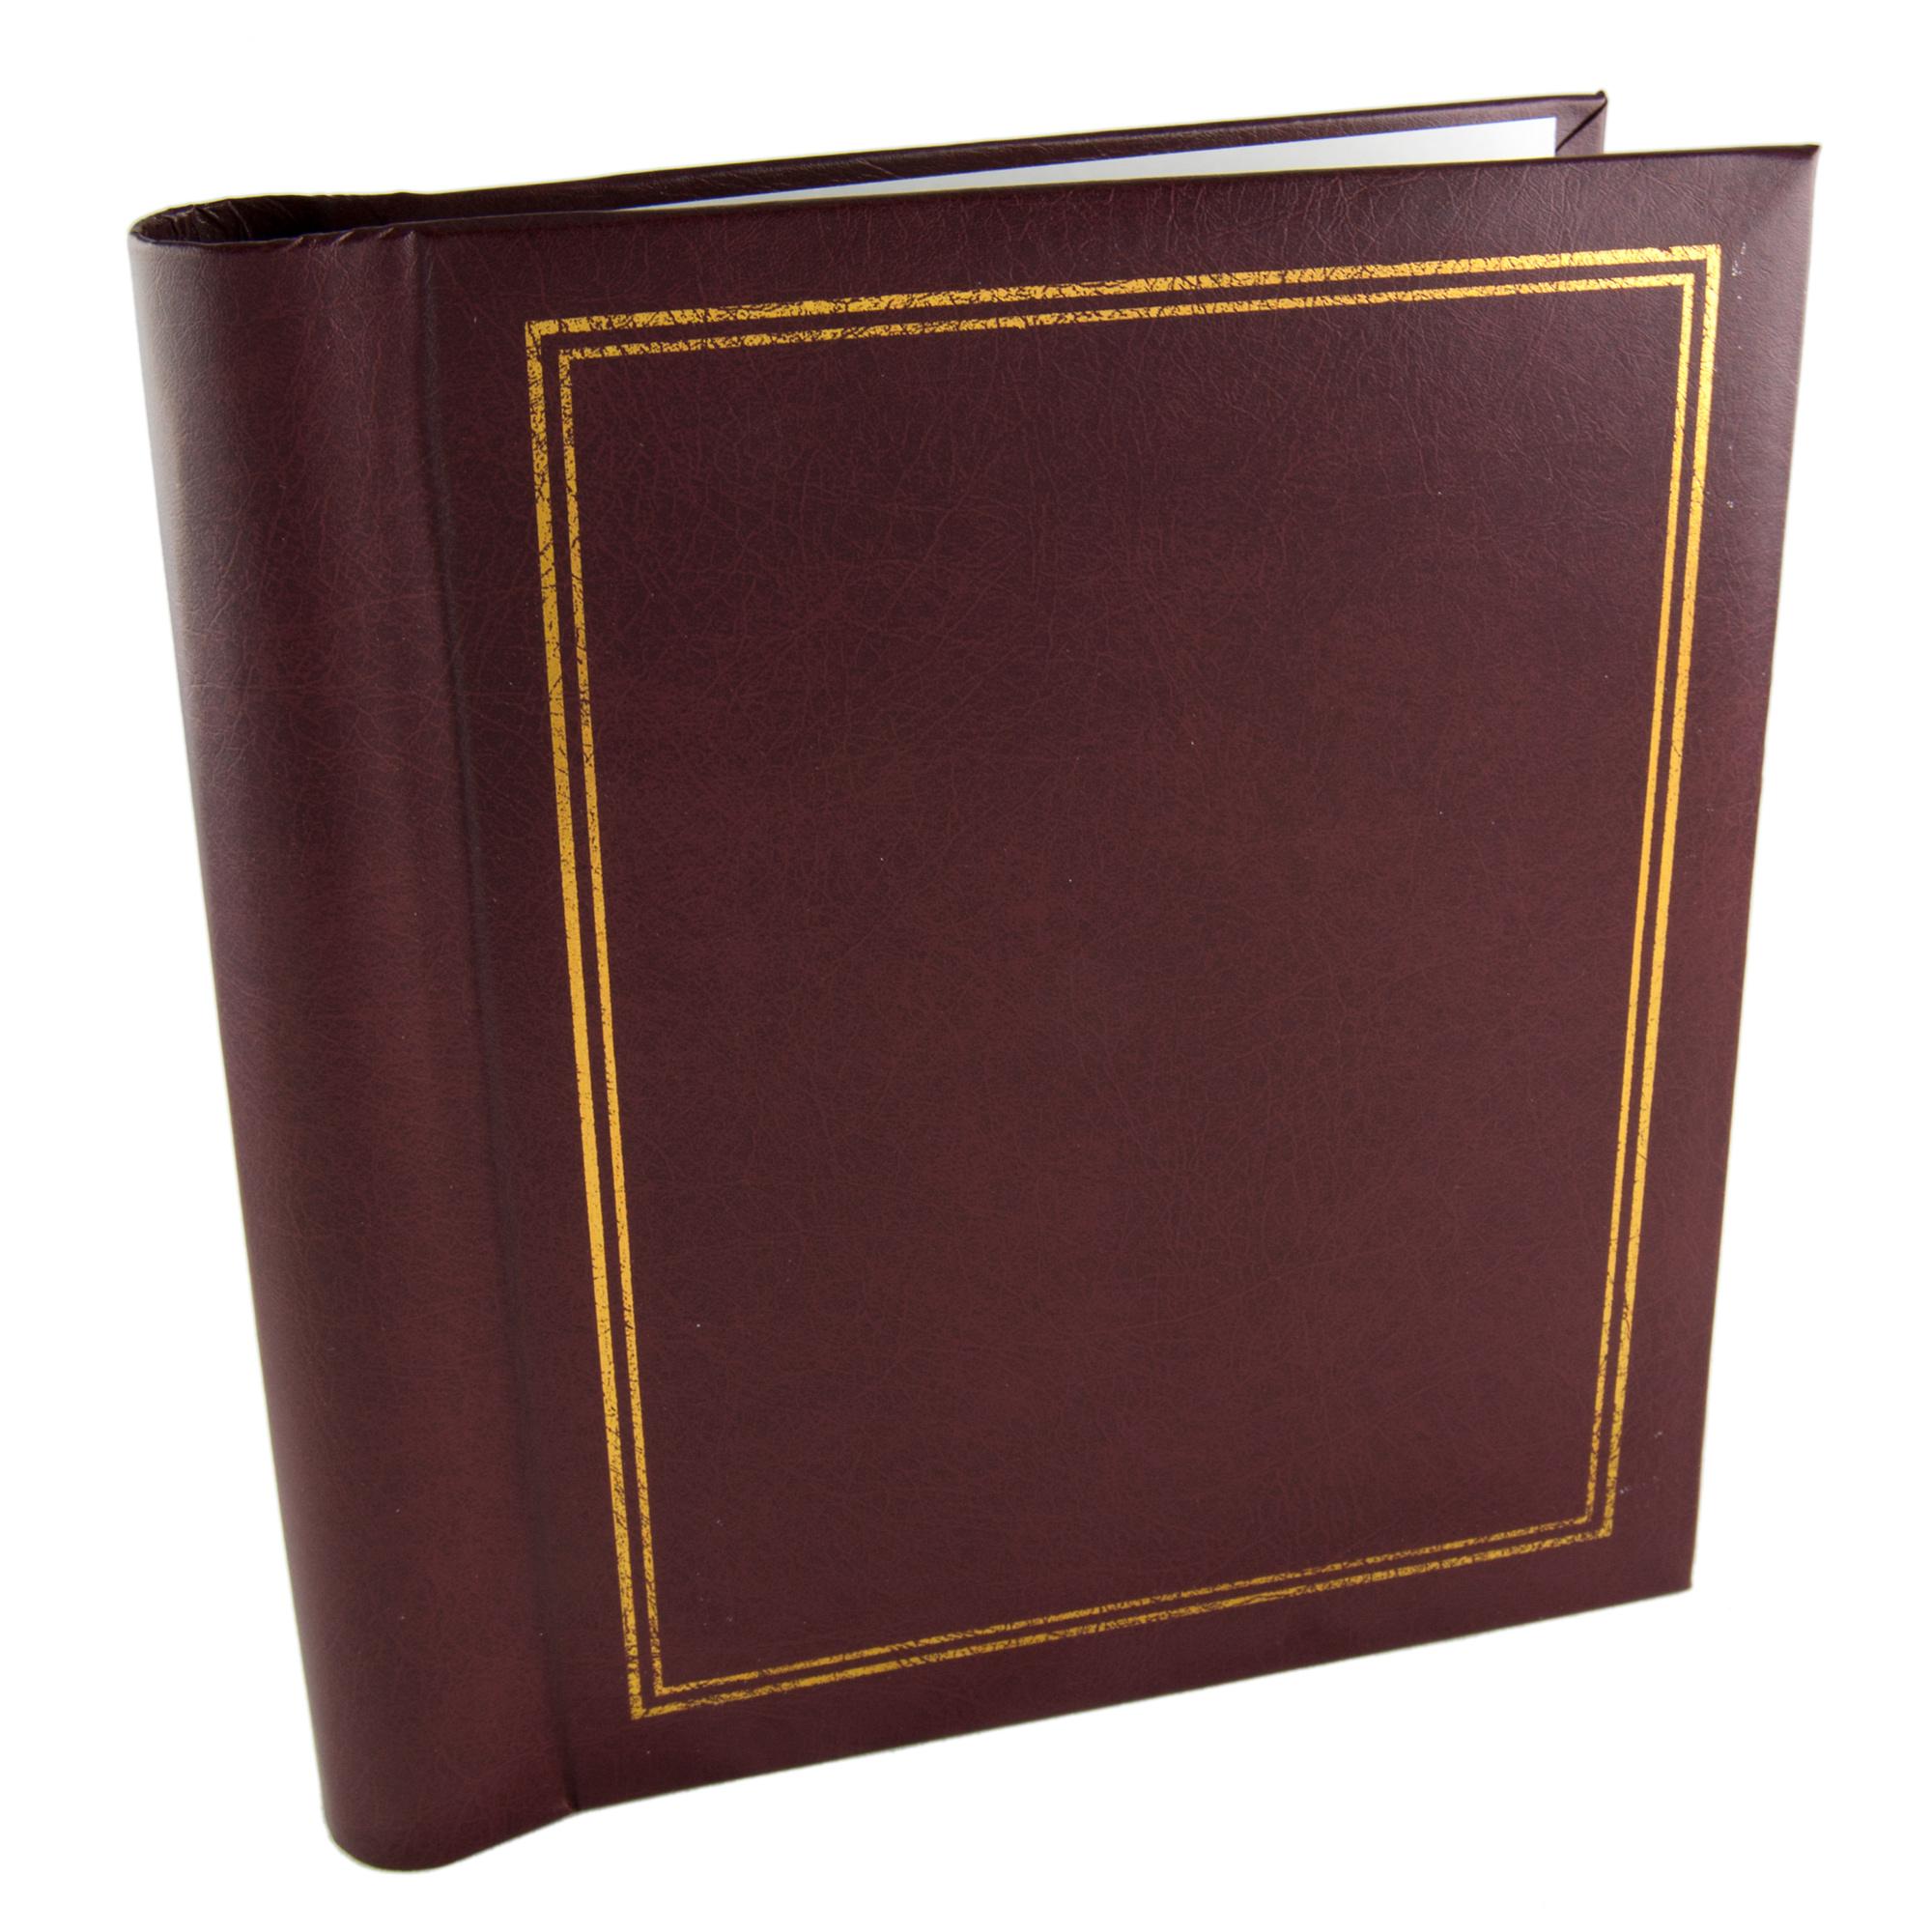 Фотоальбом Platinum Однотонный, магнитный, 30 листов, 20 x 26 см30 листов 9820-30V Однотонные (3М1417)Фотоальбом на 30 магнитных листов, размер 23 х 28 см.